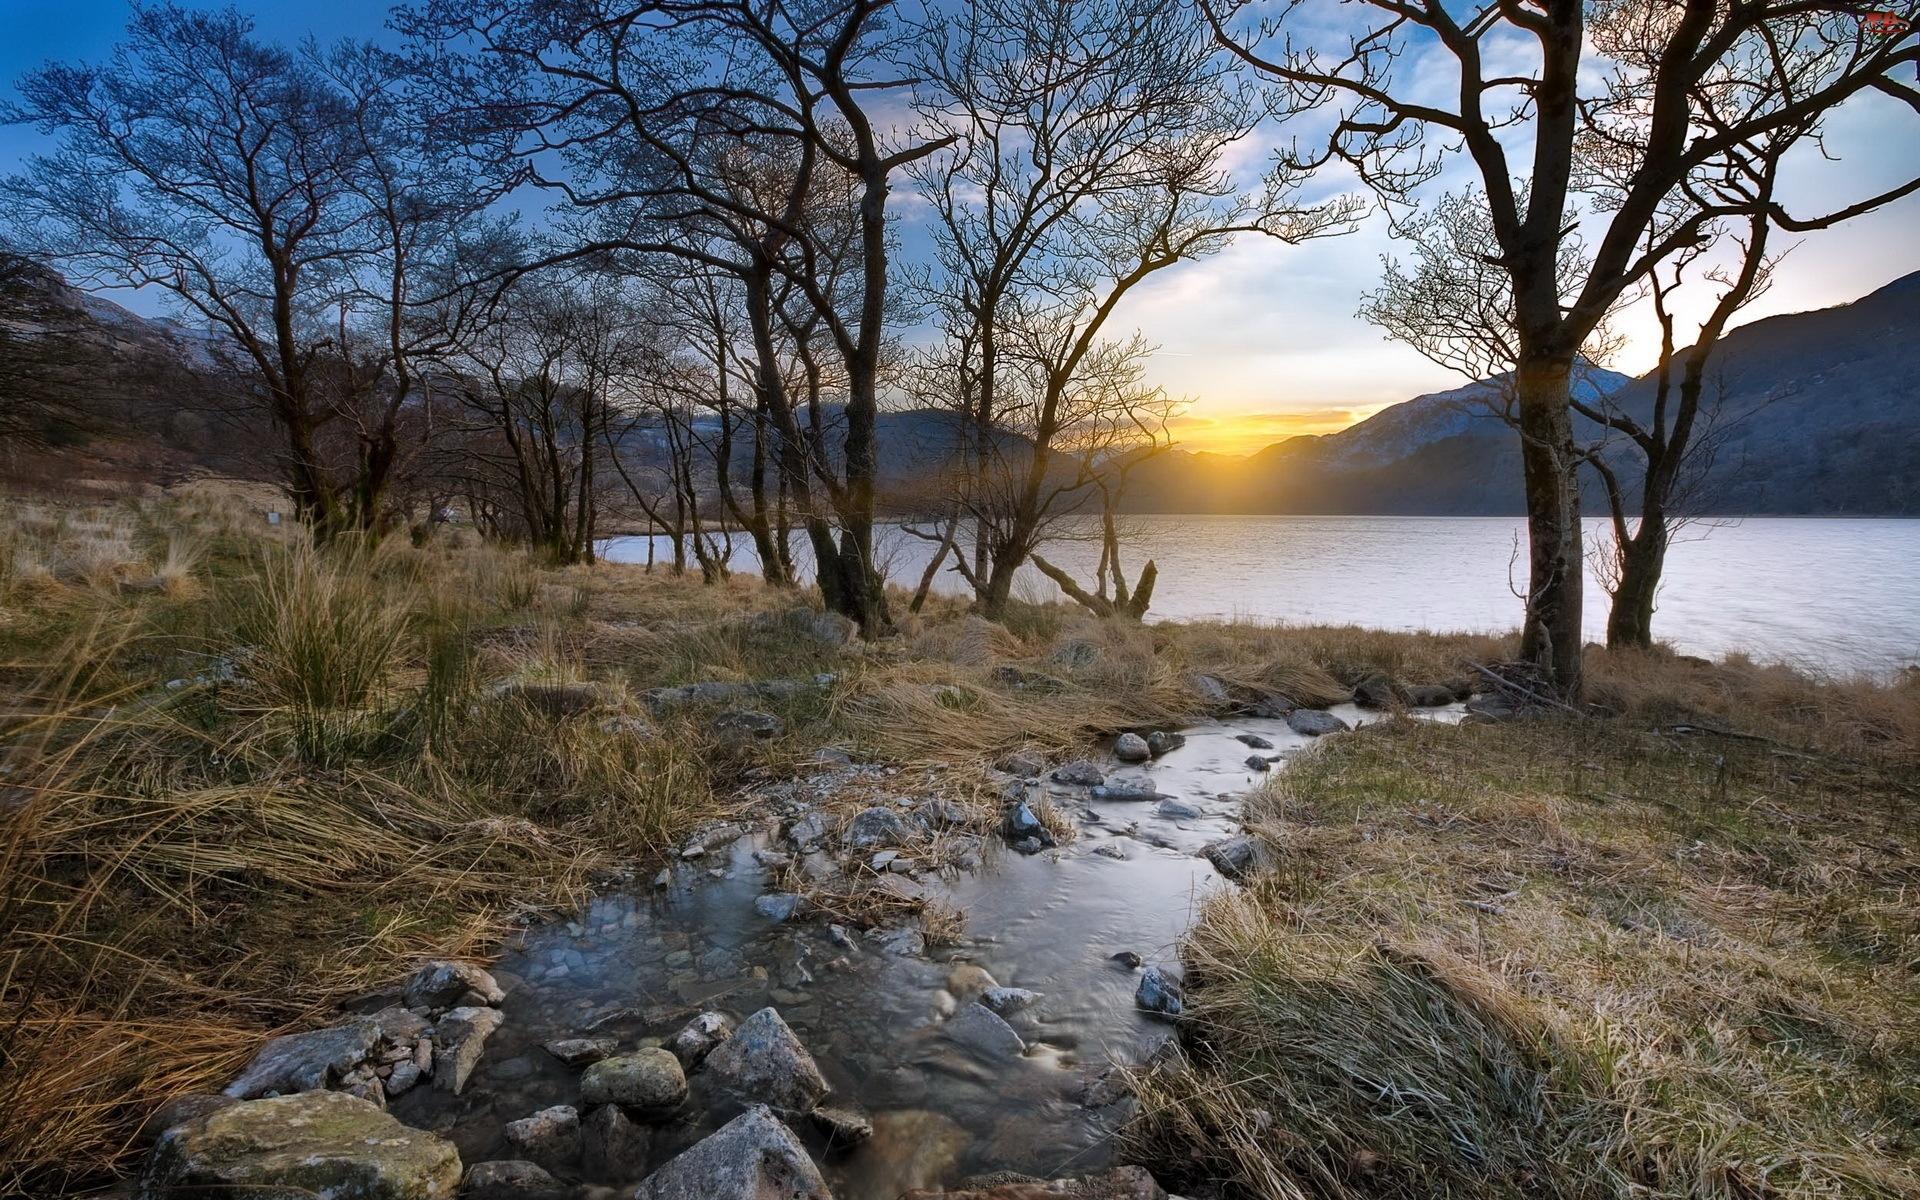 Drzewa, Wschód, Jezioro, Słońca, Strumyk